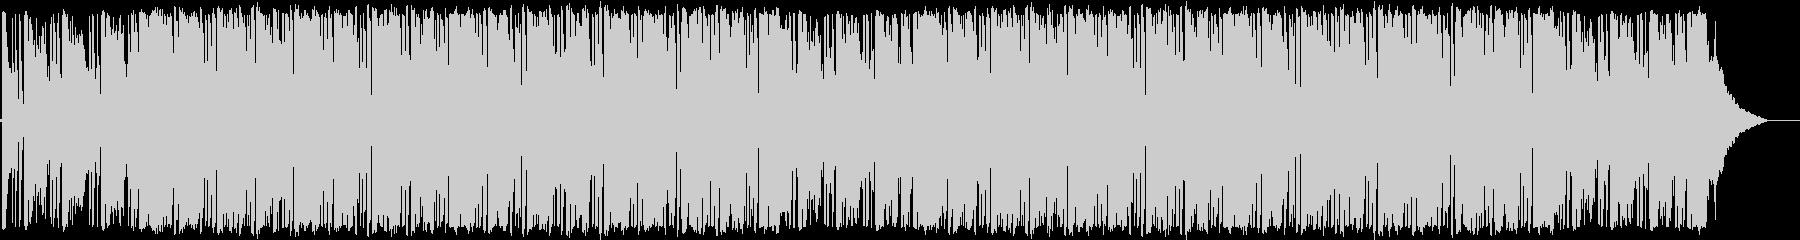 ソウルフルな演奏のジャズピアノトリオの未再生の波形